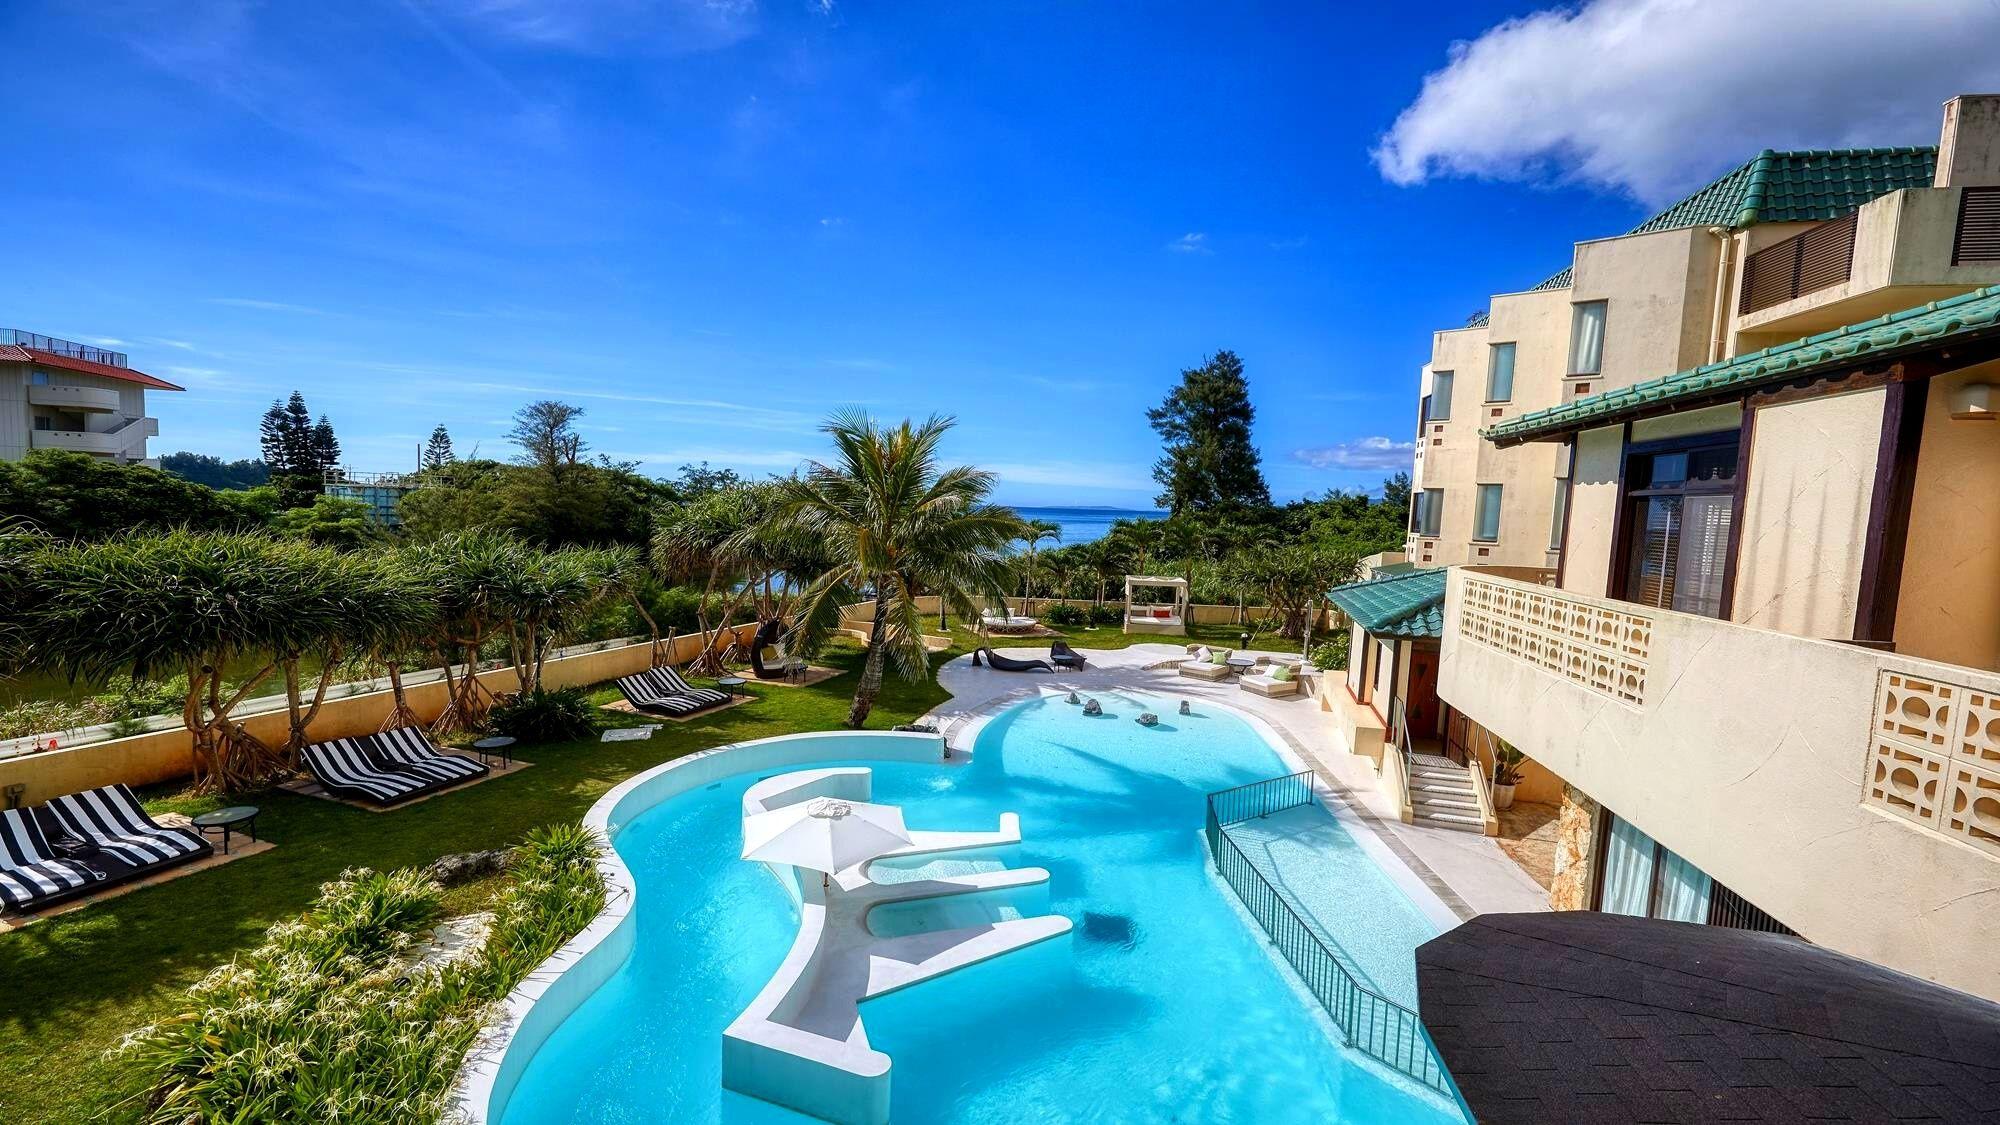 【沖縄】屋外プールが素敵なホテルを教えてください!